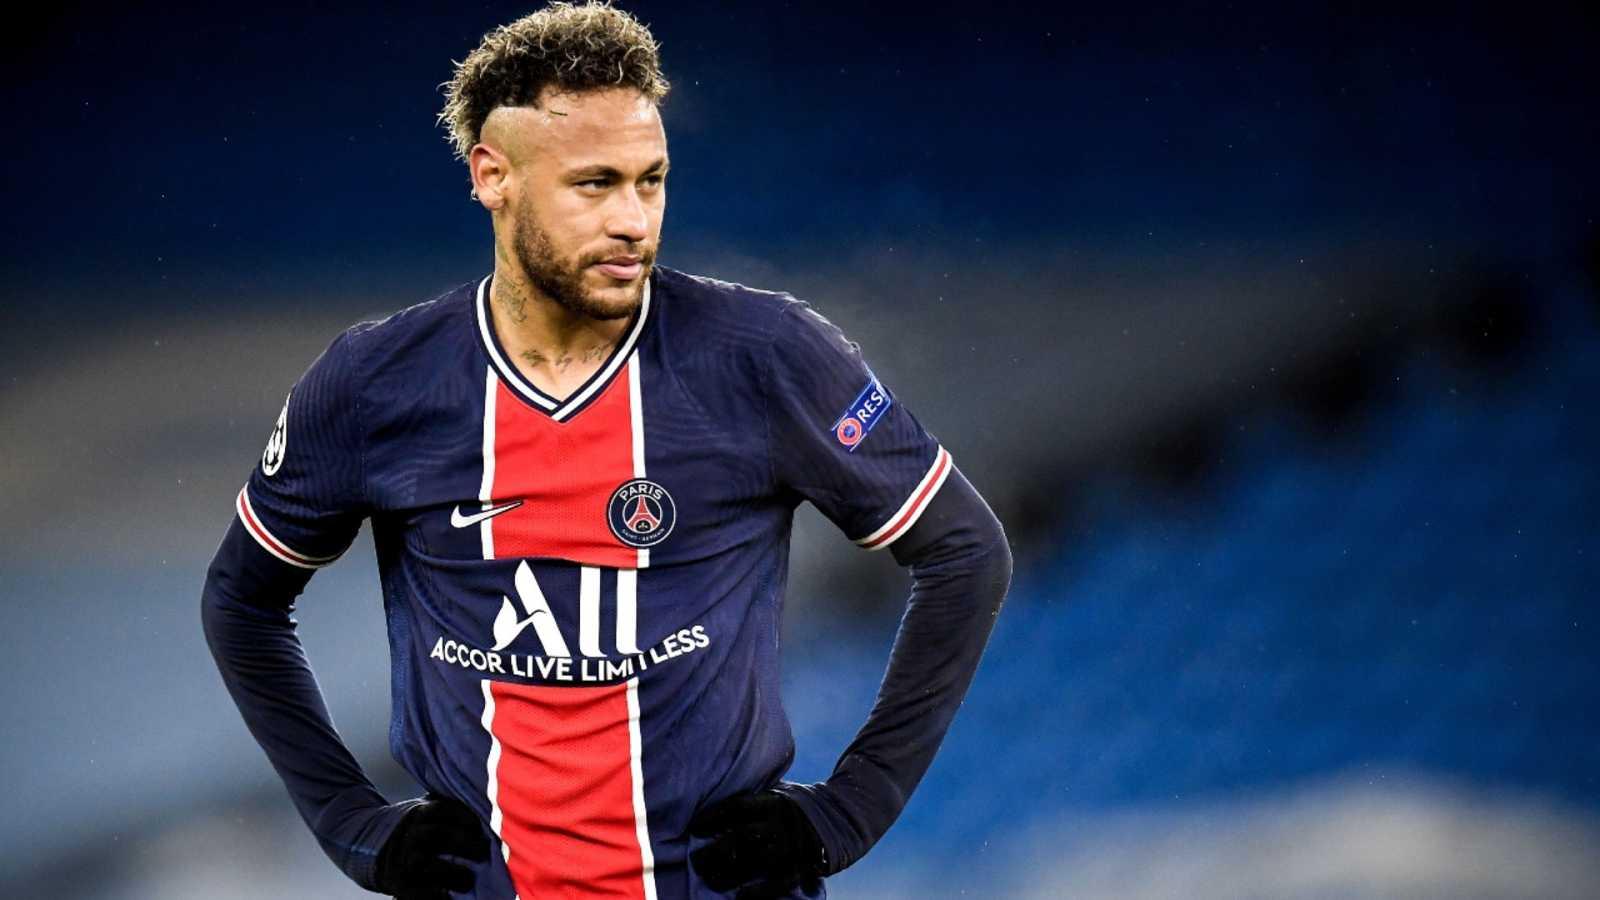 Fútbol| Neymar firmará este sábado su renovación con el Paris Saint-Germain  hasta 2026, según 'L'Équipe'- RTVE.es